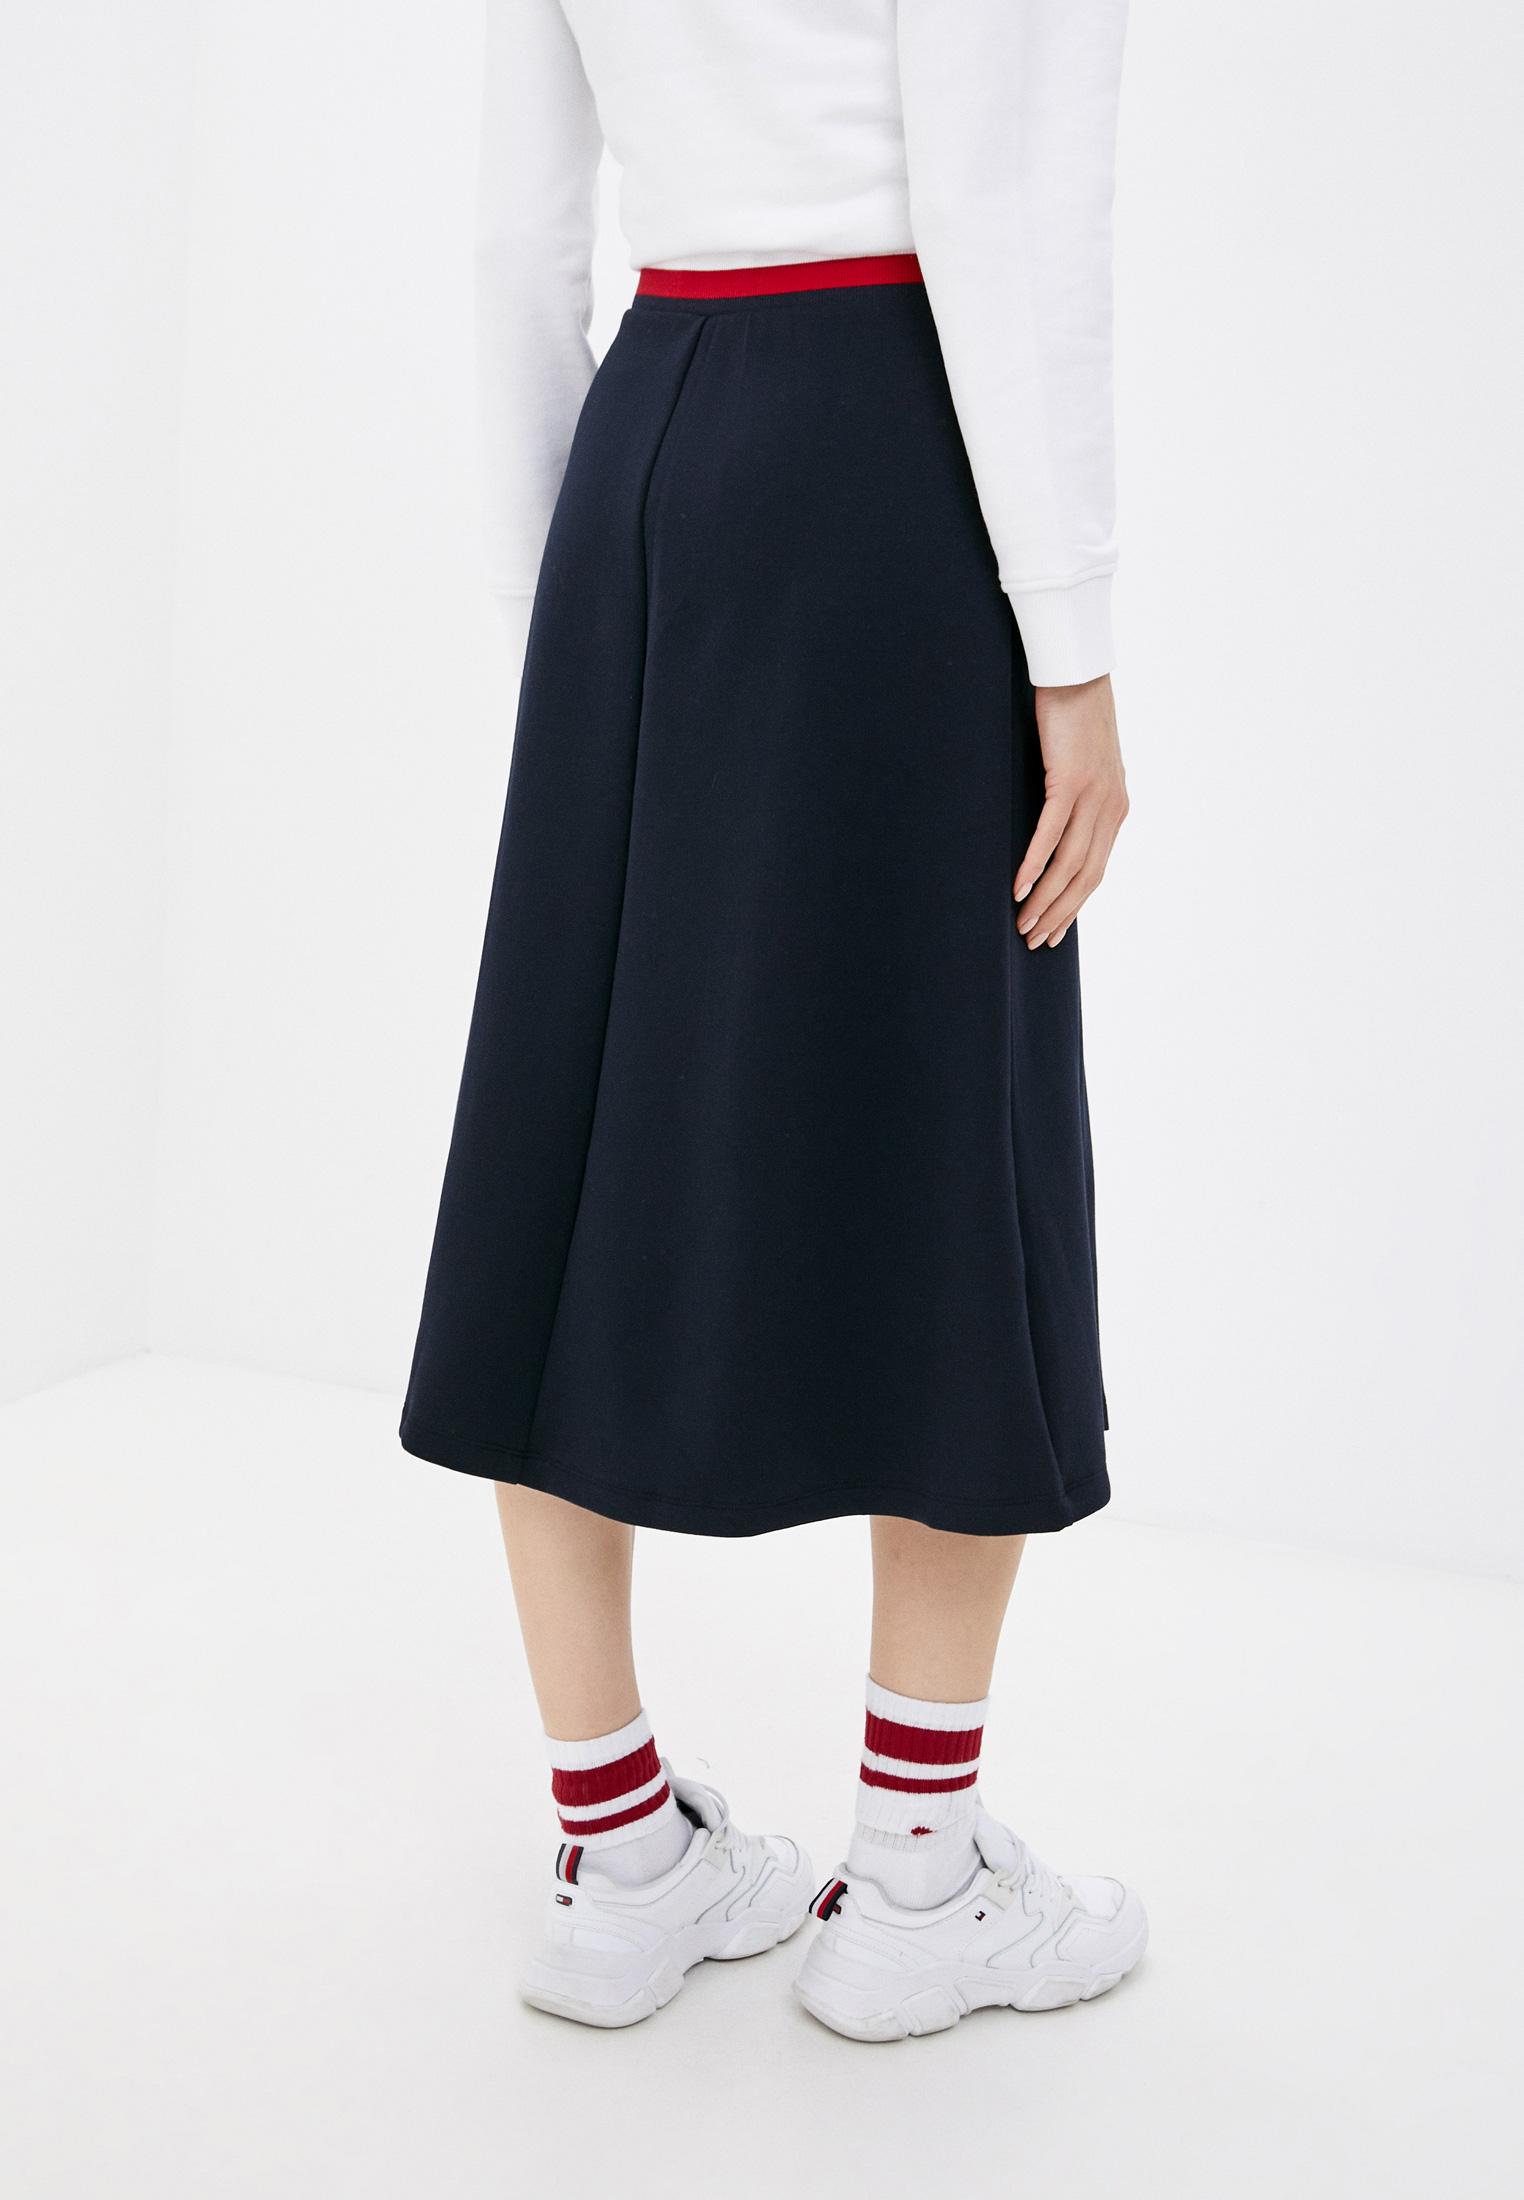 Широкая юбка Tommy Hilfiger (Томми Хилфигер) WW0WW30585: изображение 3